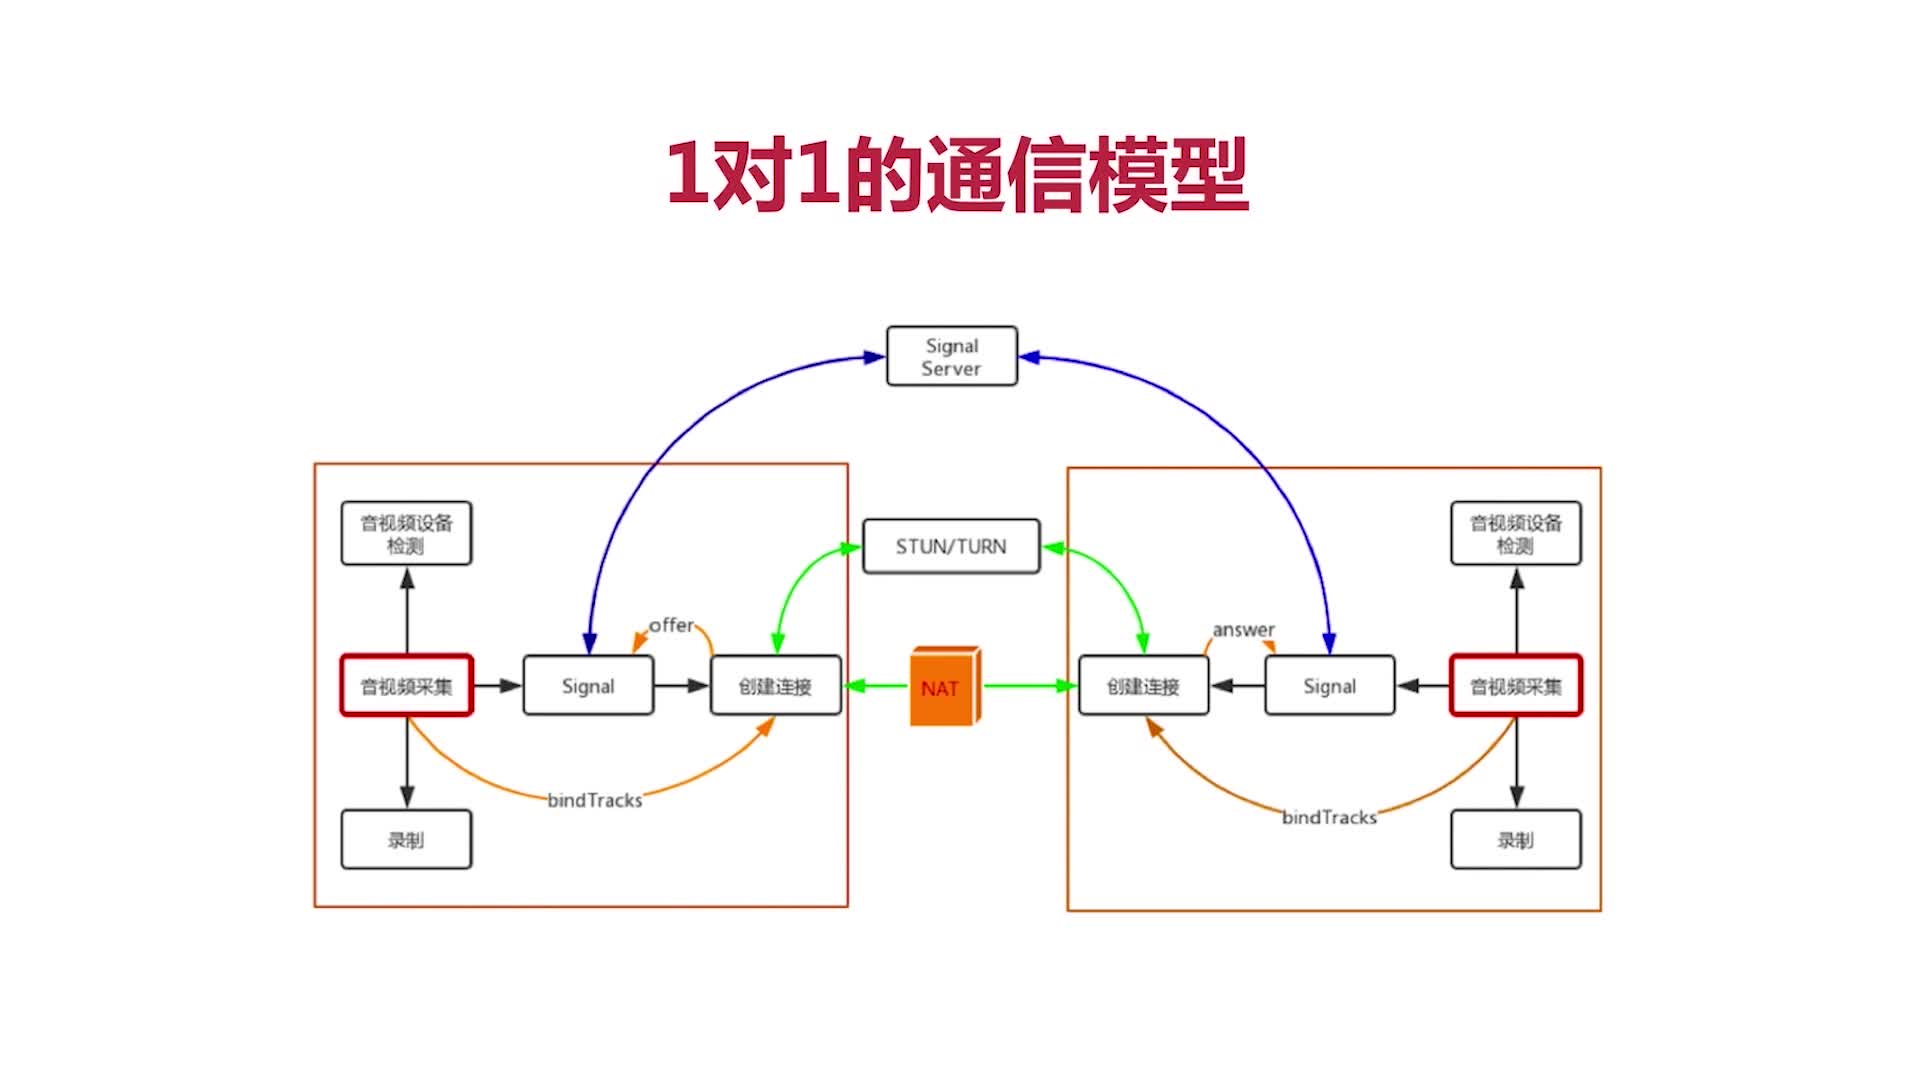 1对1的通信模型